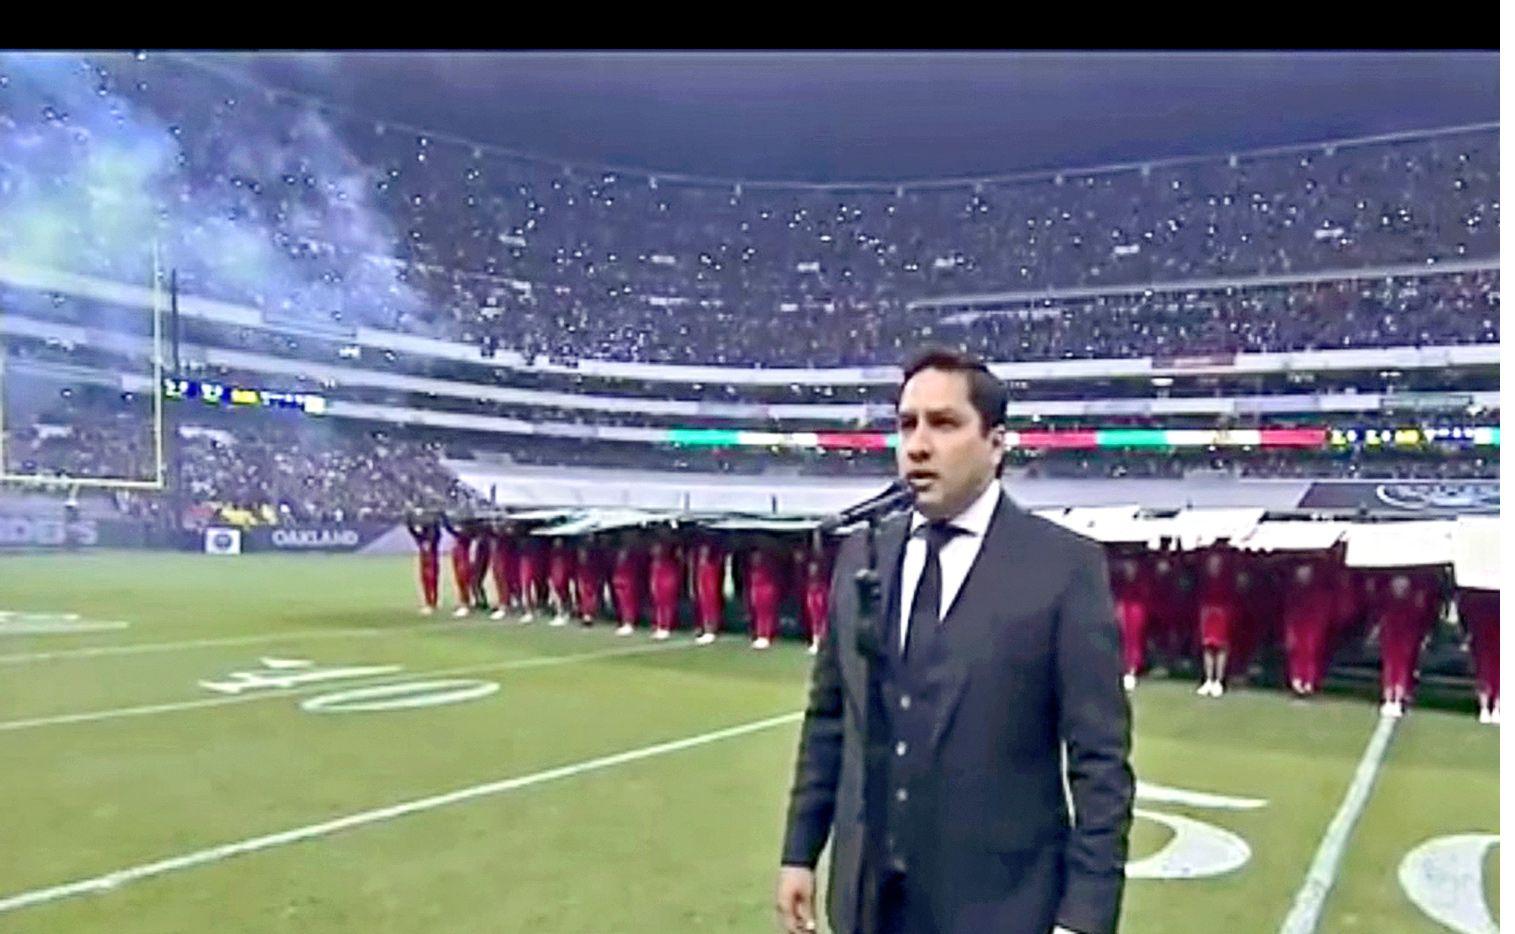 Julión Álvarez, al parecer, metió la pata al interpretar el Himno Nacional Mexicano en el Estadio Azteca, previo al encuentro de Oakland Raiders y Houston Texans./AGENCIA REFORMA